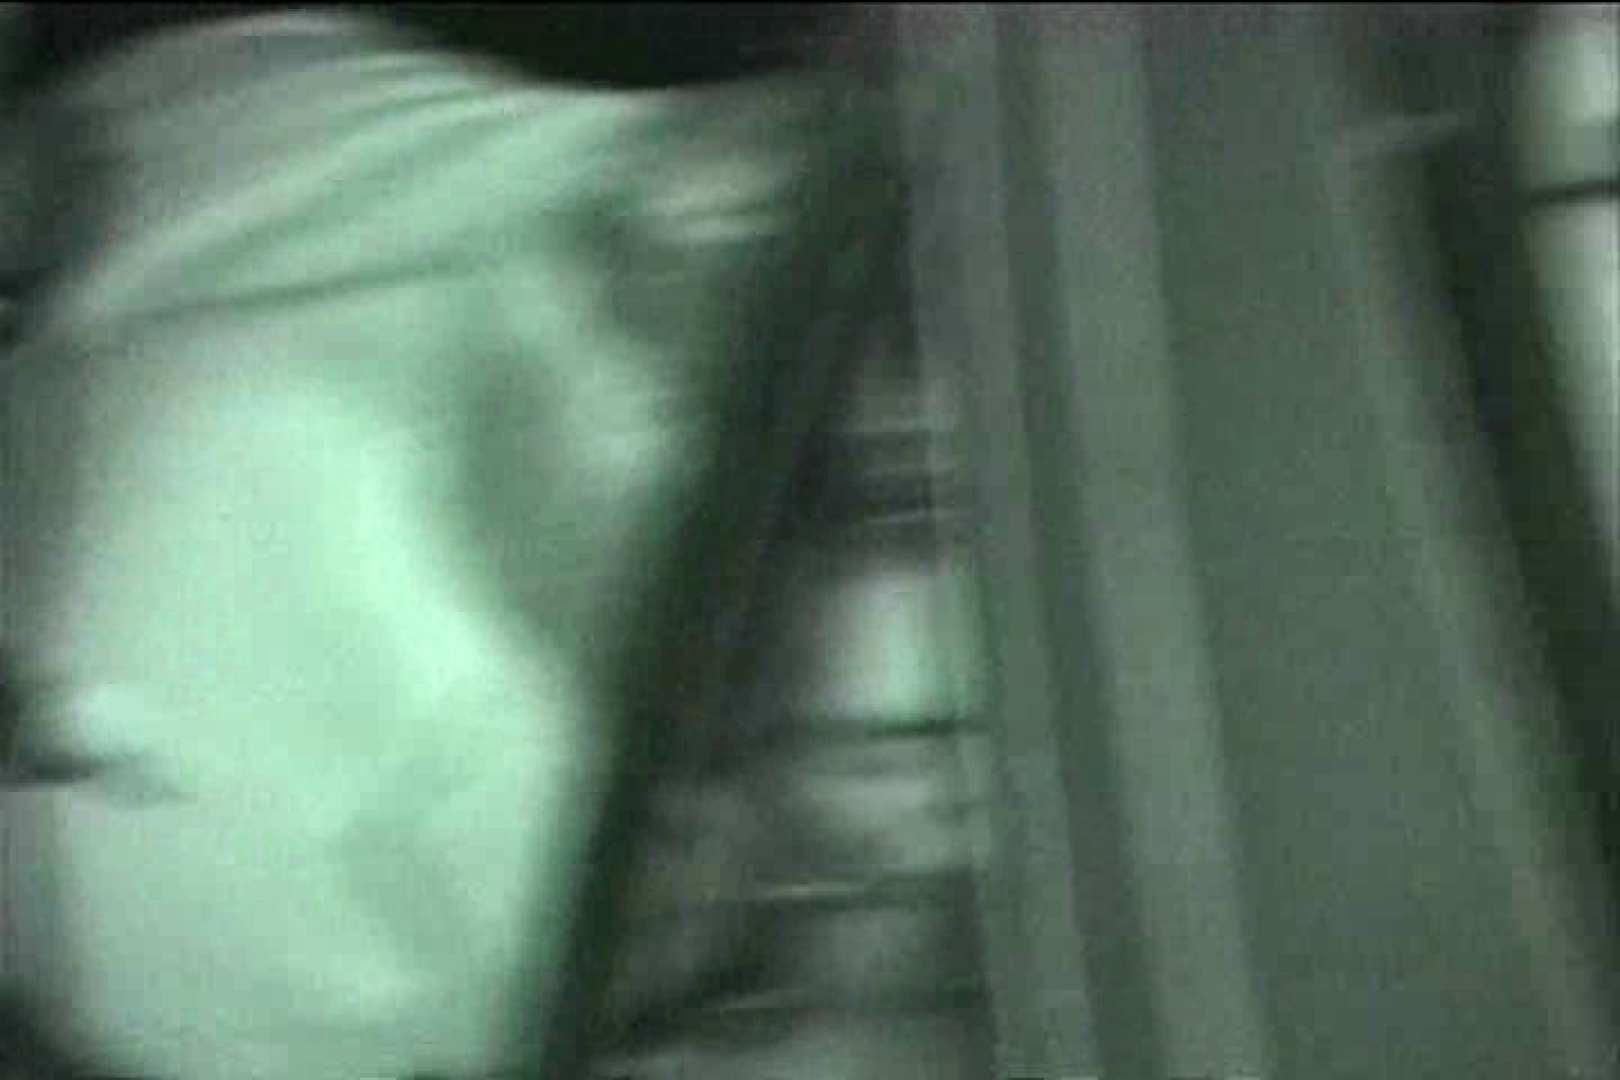 カーセックス未編集・無修正版 Vol.11 熟女丸裸 隠し撮りオマンコ動画紹介 97pic 84